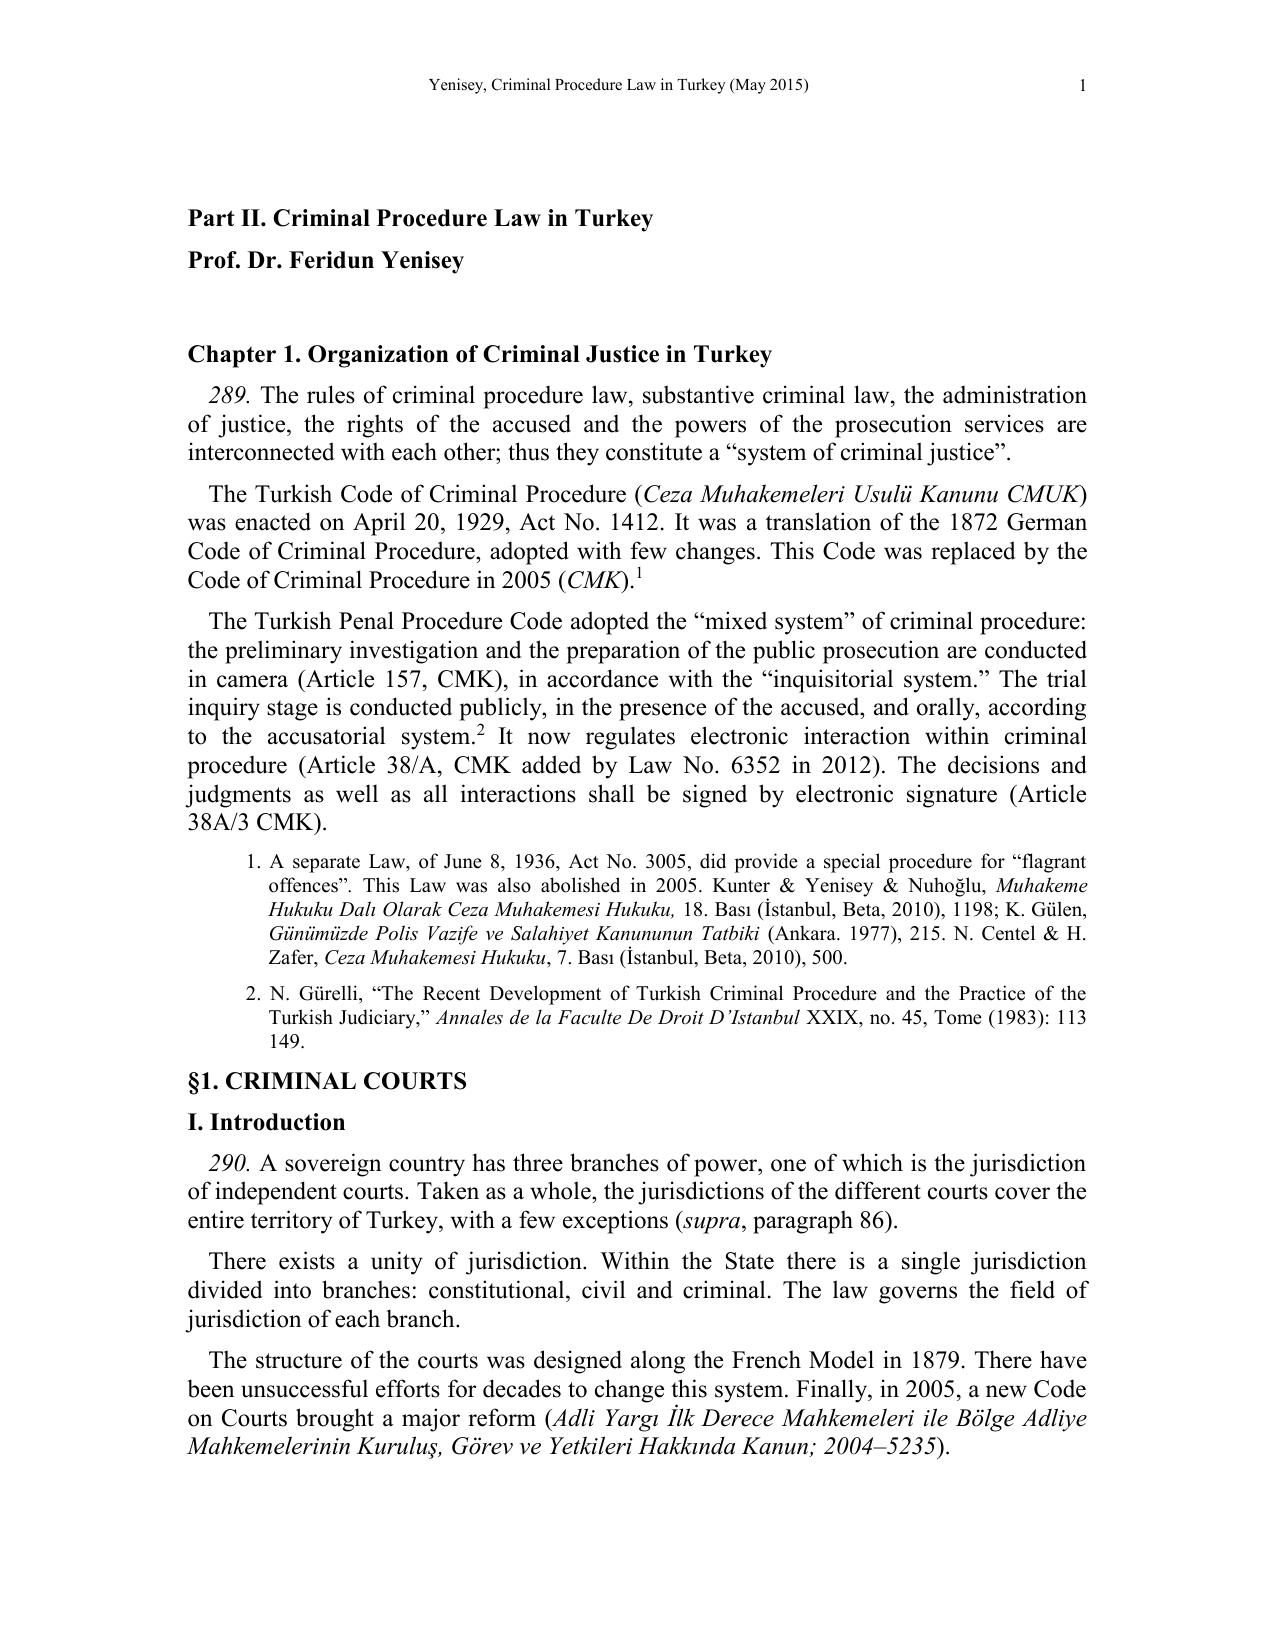 CODE OF CRIMINAL PROCEDURE (Part - II)